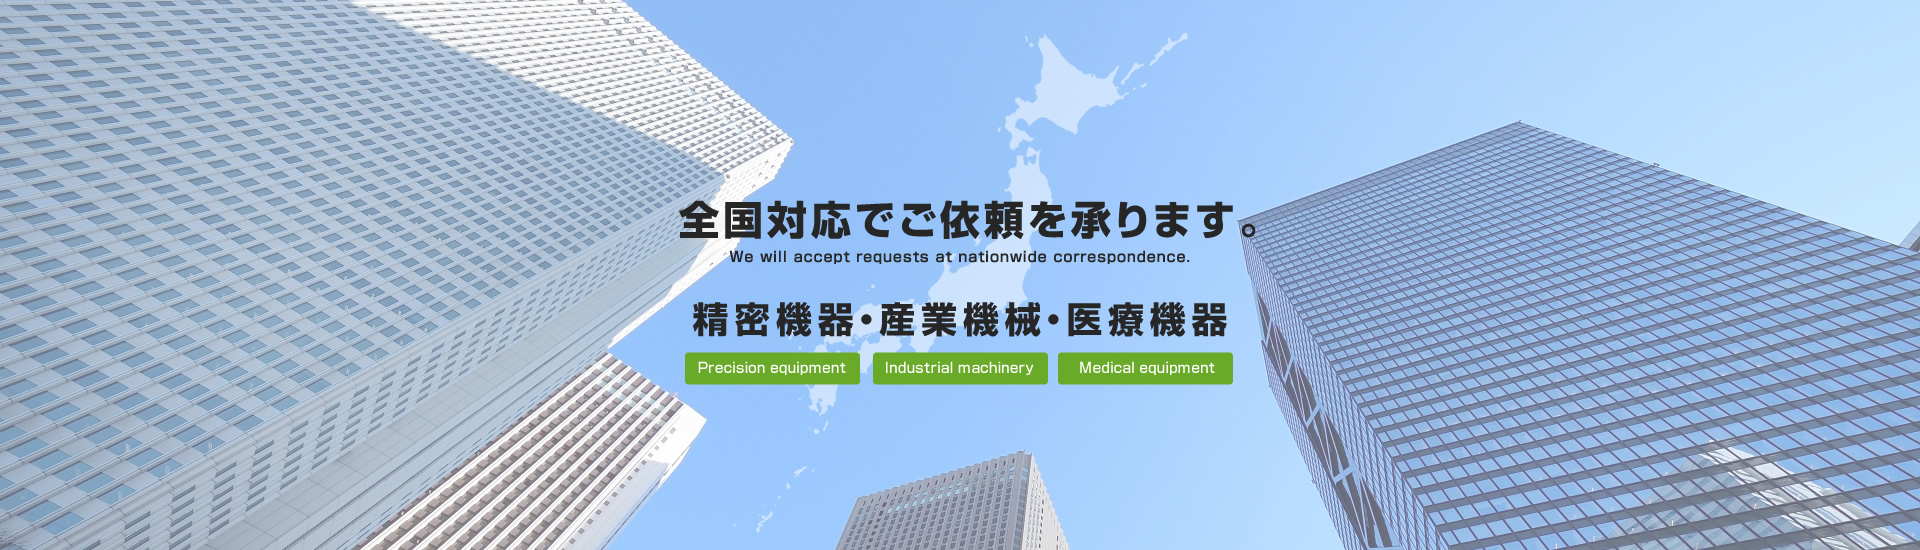 株式会社飯野製作所